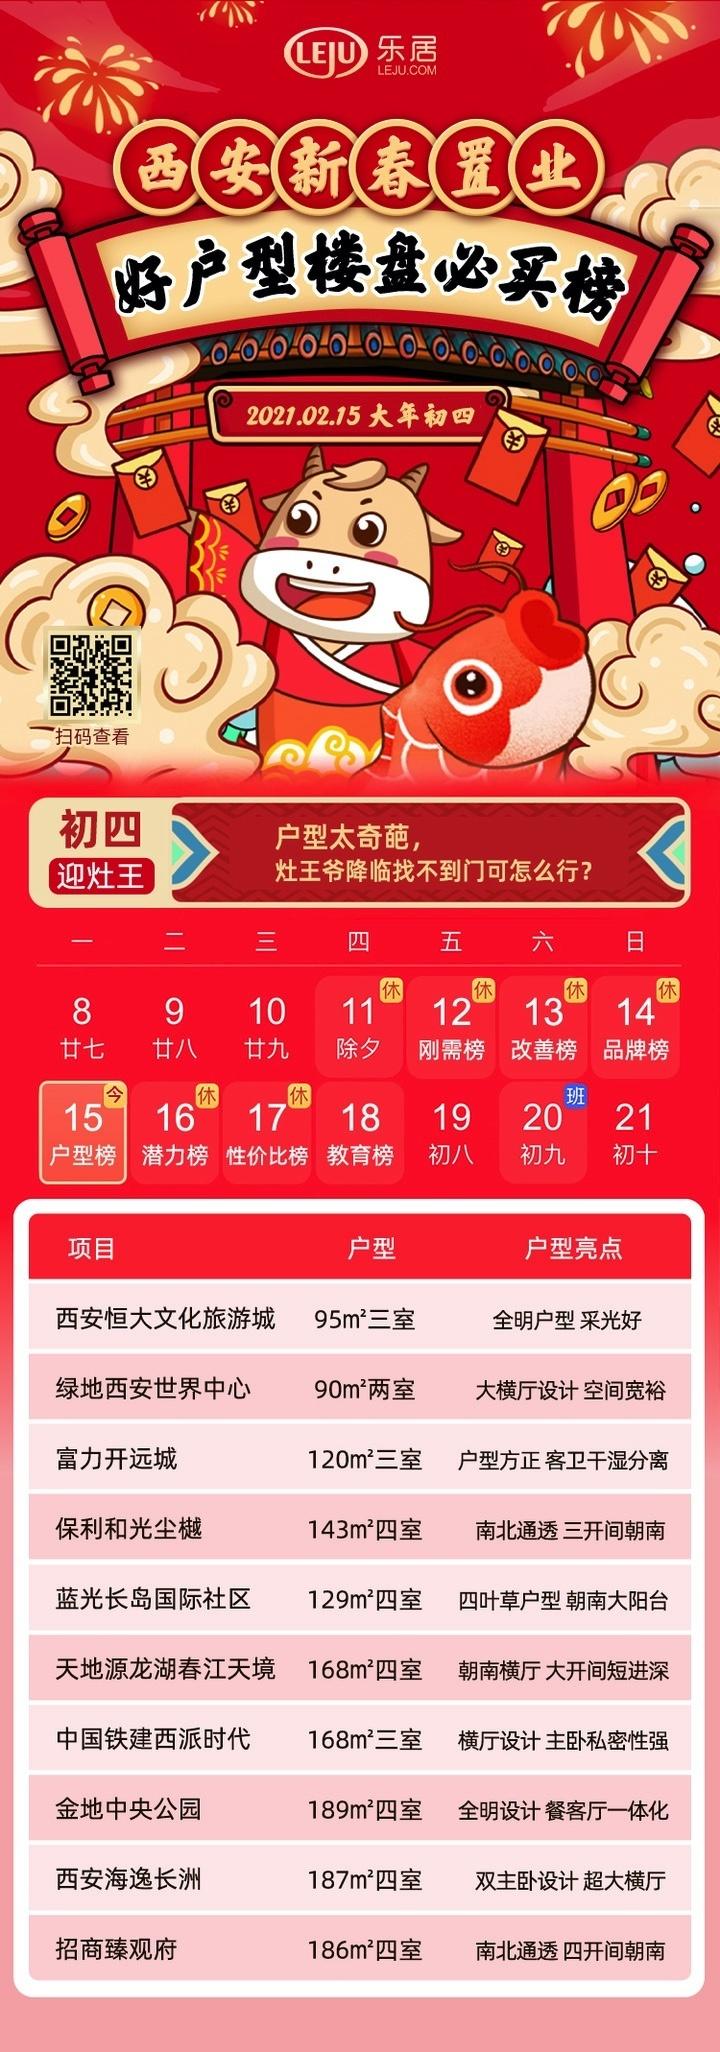 【新春置业】初四迎灶王 西安户型红盘必买榜